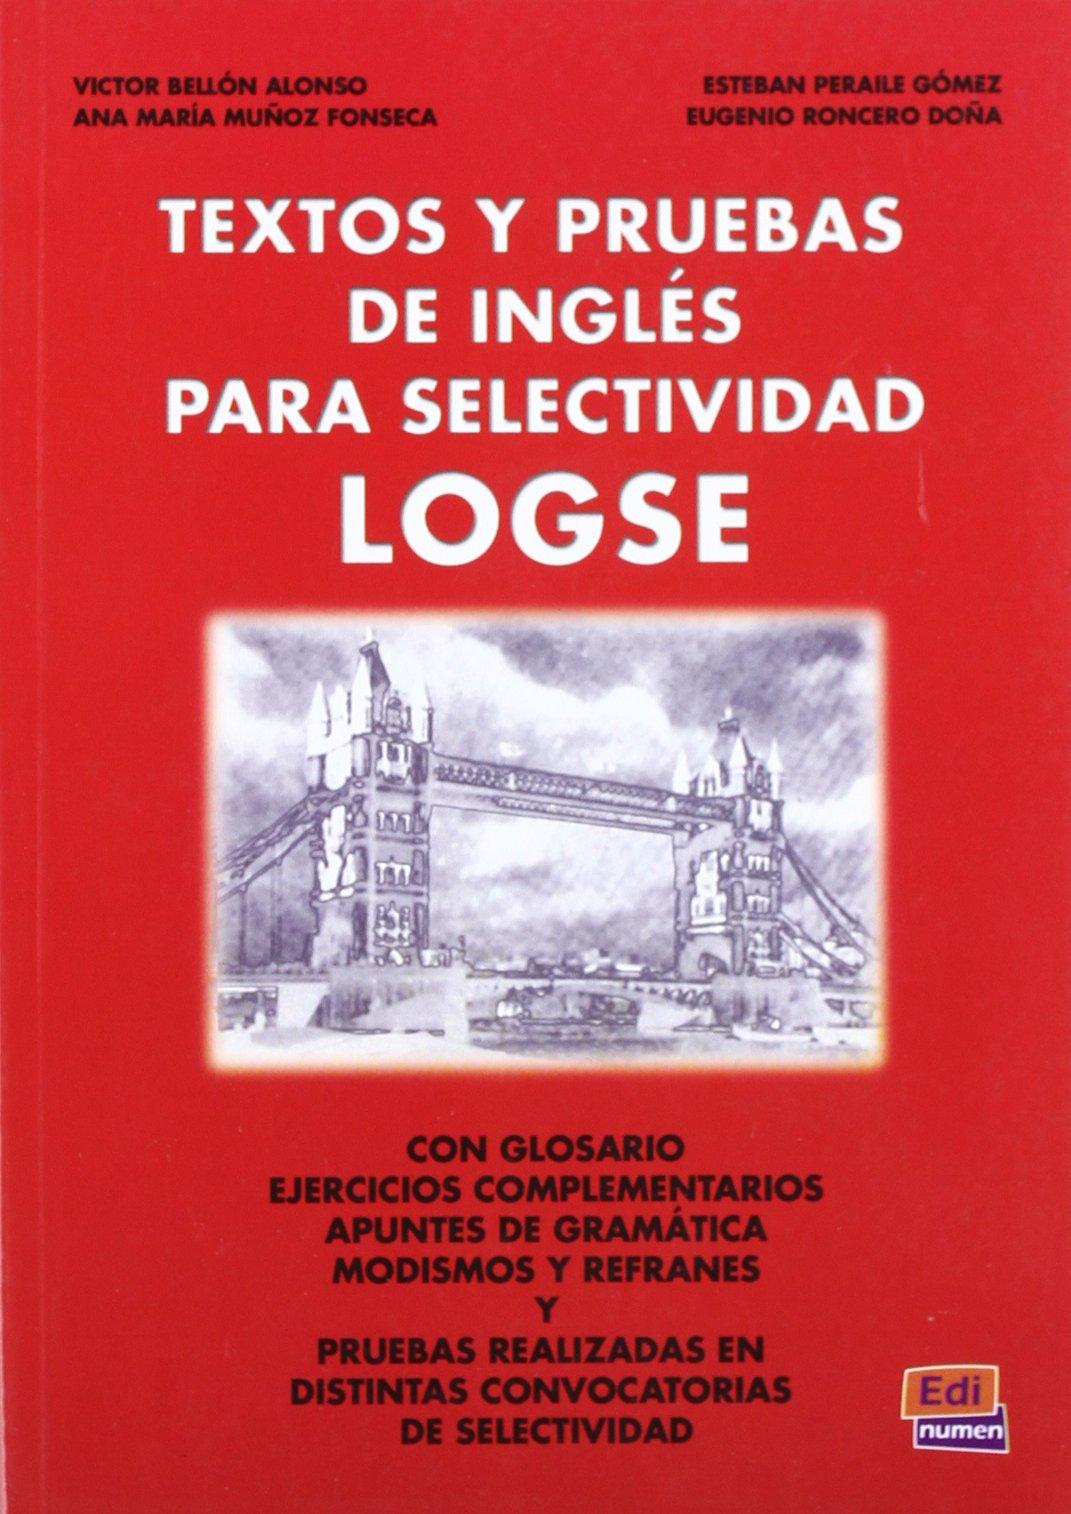 Textos Y Pruebas De Inglés Para Selectividad LOGSE Español Lengua Extranjera: Amazon.es: Bellon Alonso, Víctor: Libros